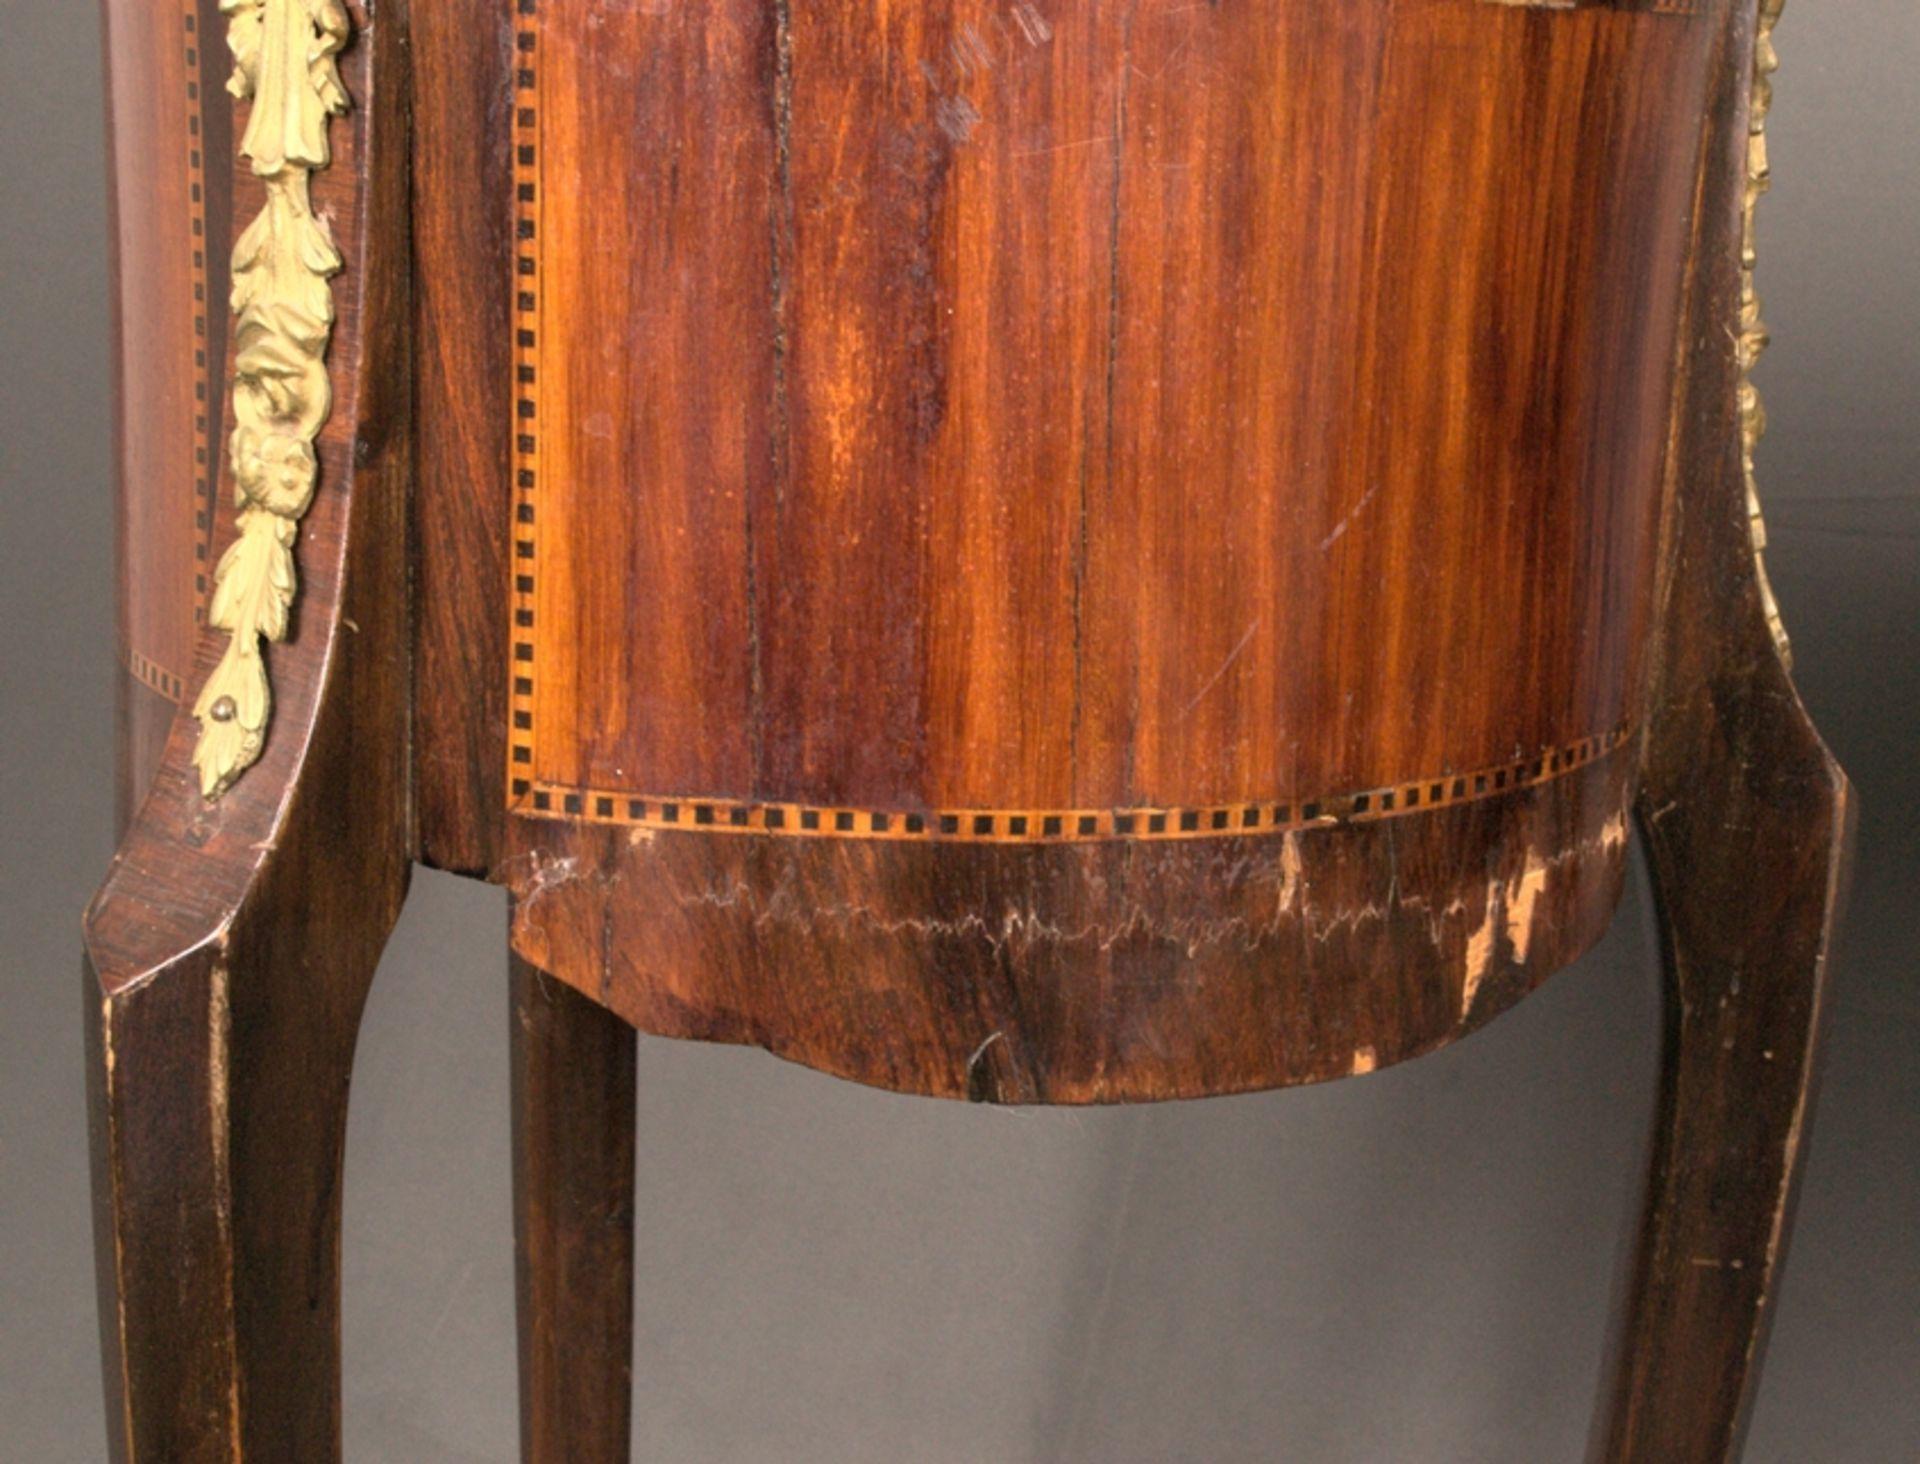 Paar eleganter, dreibeiniger Beistelltische sog. Gueridons, Frankreich 19./20. Jhd. Eintüriger - Bild 19 aus 19